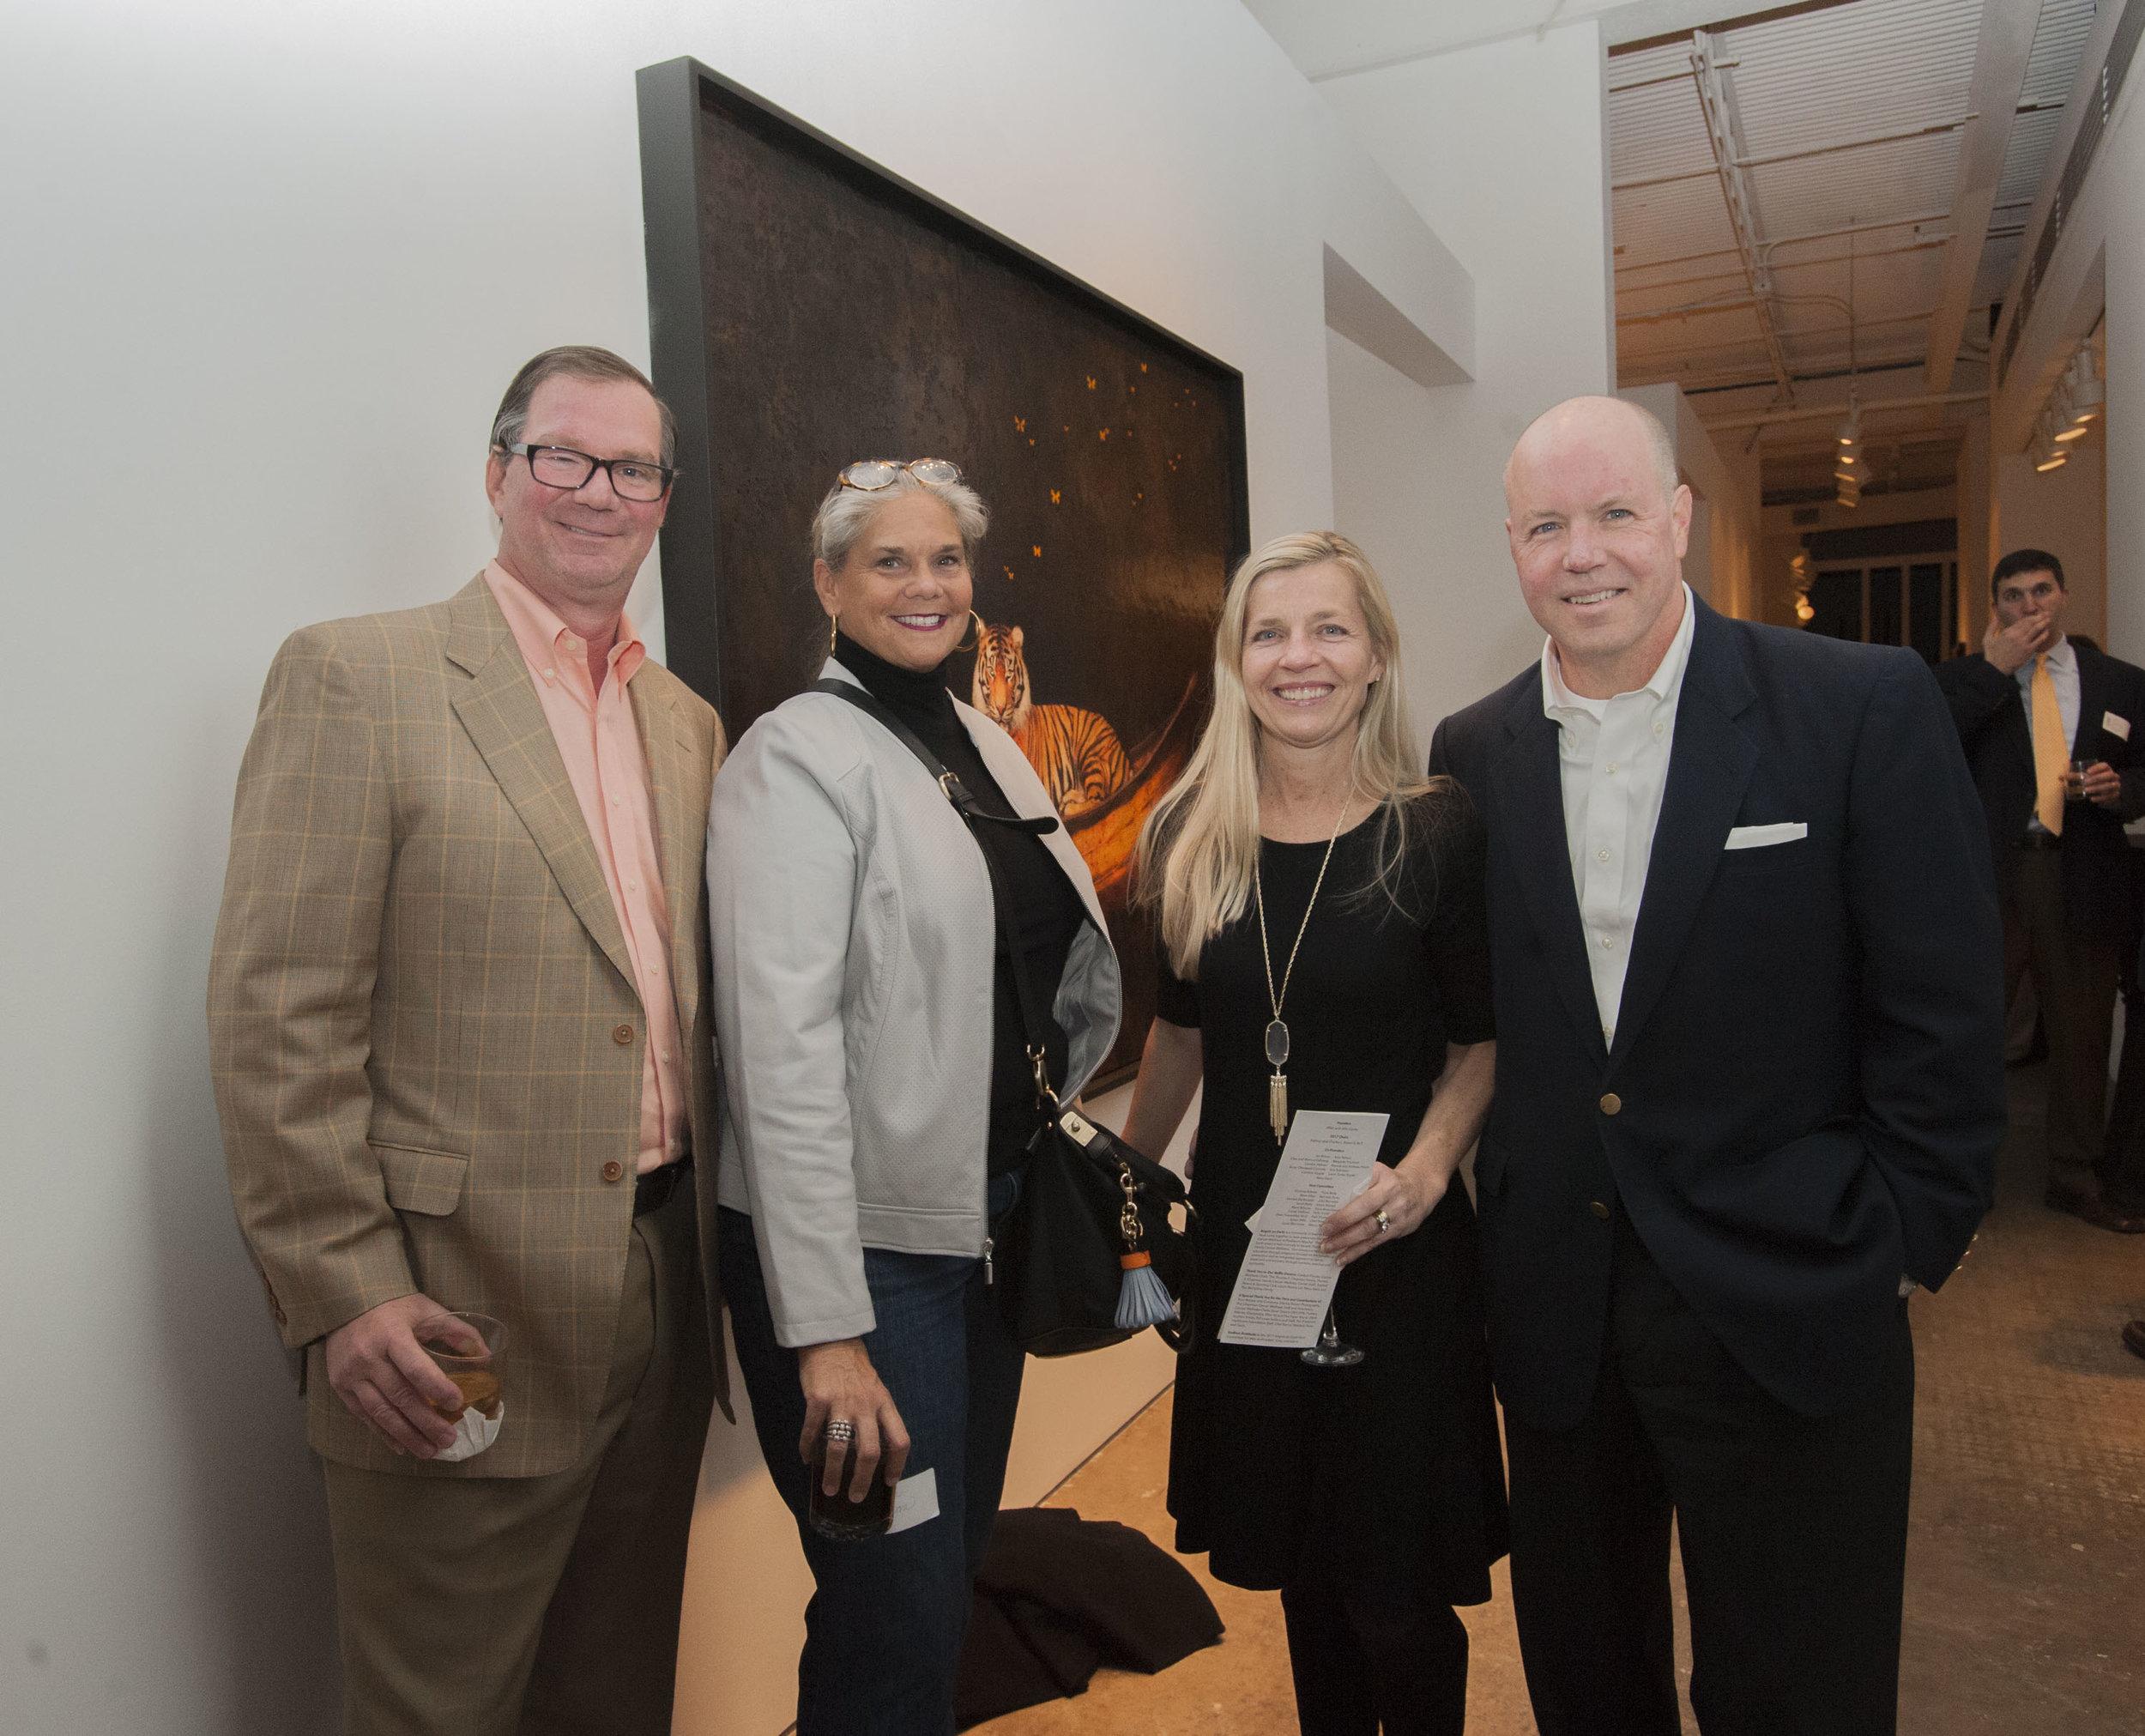 Angels on Earth Bill Lowe Gallery 69.JPG